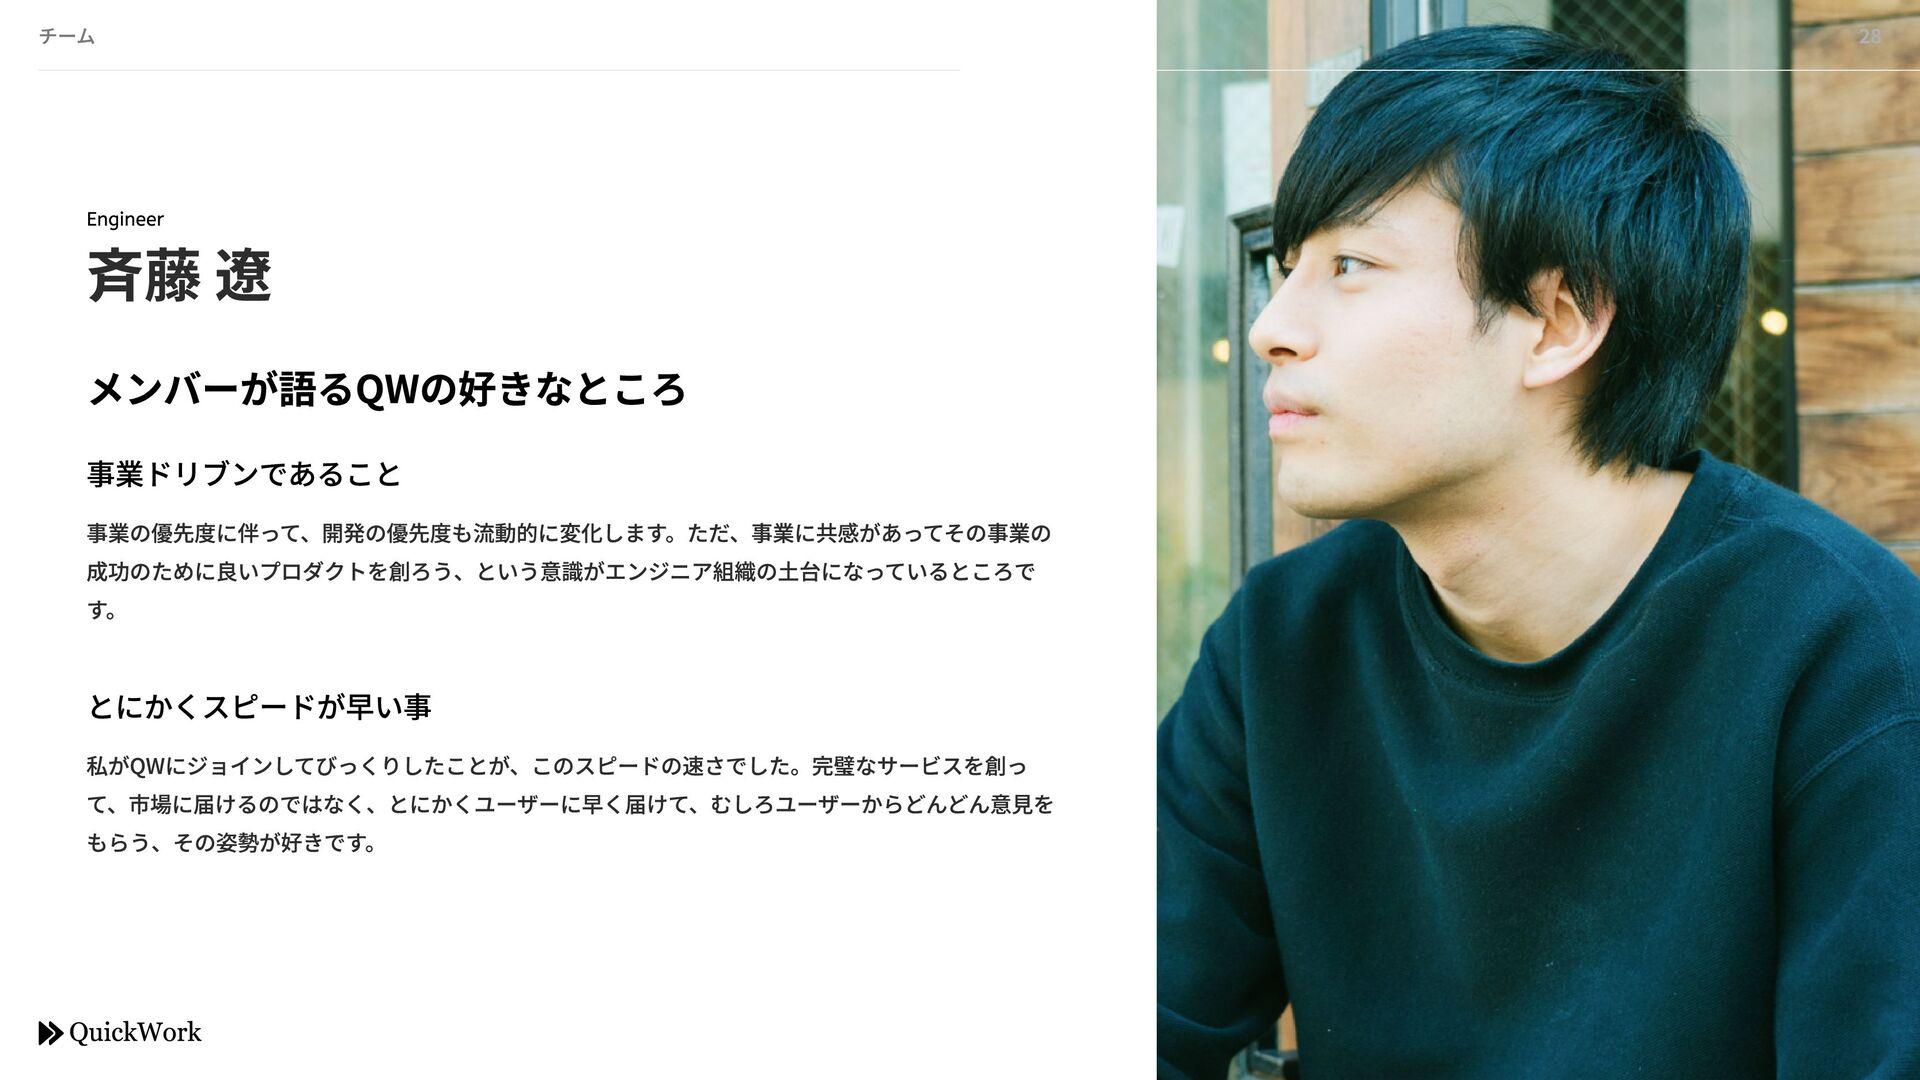 メンバー紹介 QuickWork 藤本将平 (IS/CS/FS) 加藤直樹 Sales 新卒...